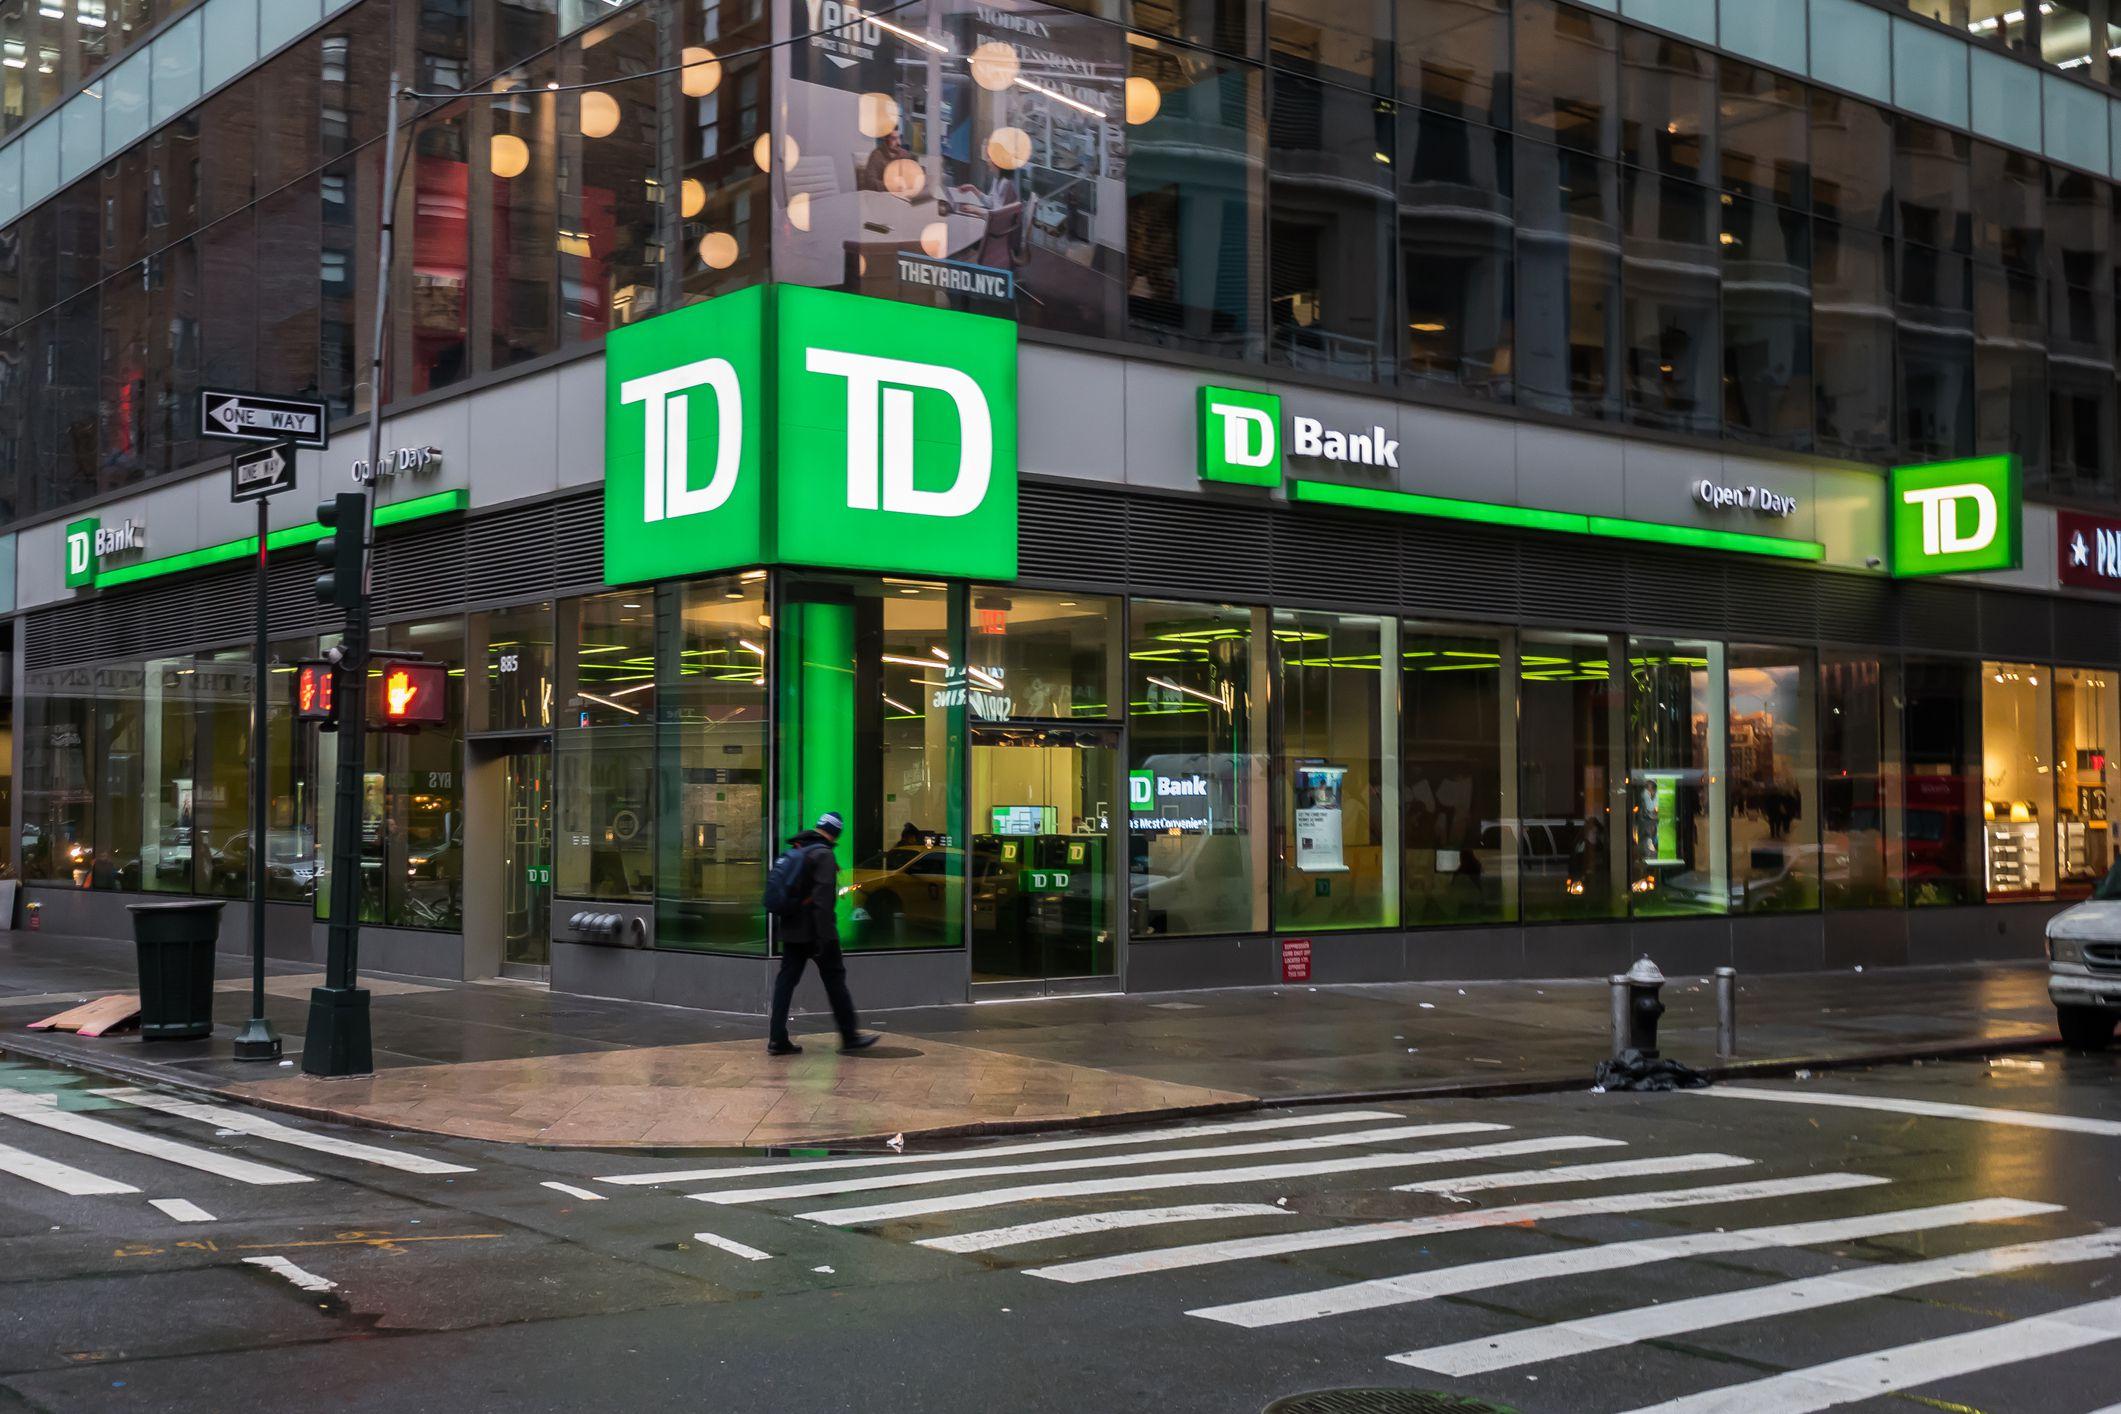 TD Bank cho biết giá vàng có thể được củng cố ở trên 1600 USDounce